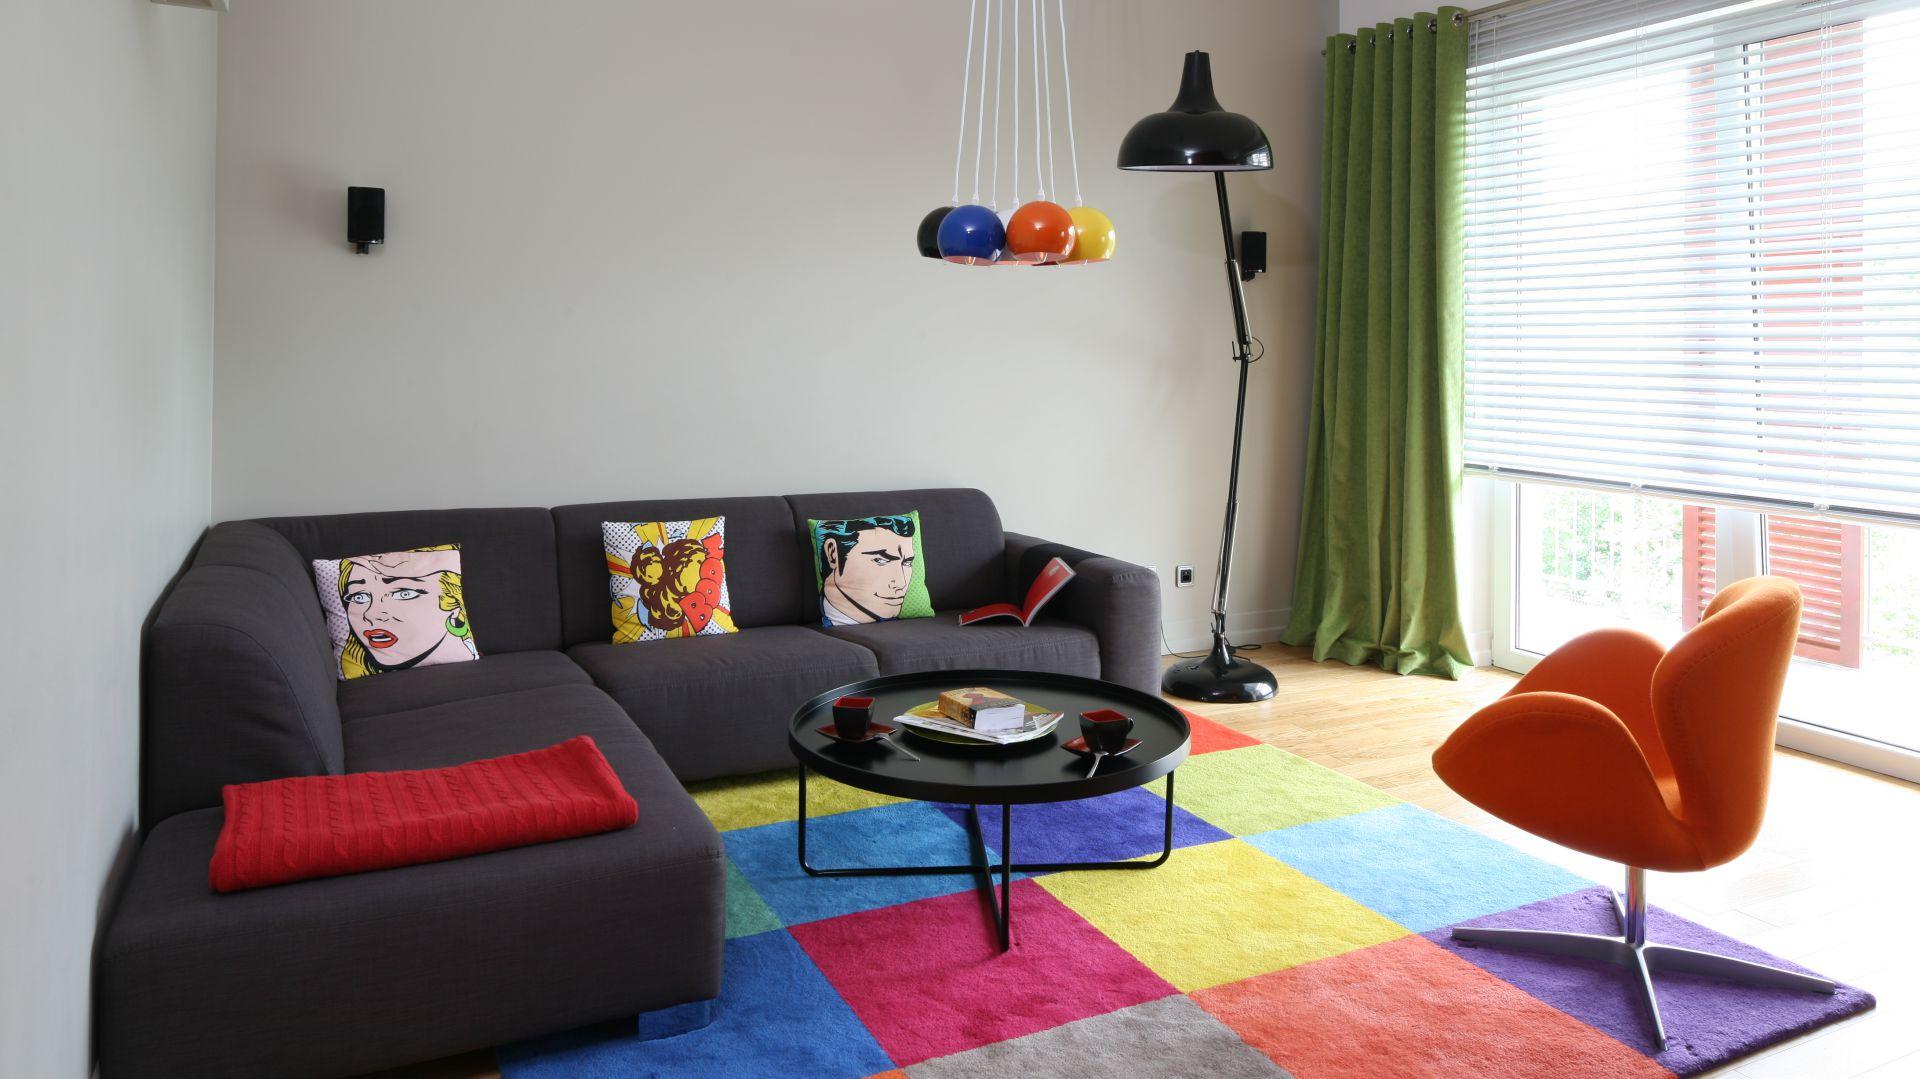 Pomarańczowy fotel przypominający kształtem rozkwitający kwiat koresponduje kolorystycznie z dywanem oraz lampą sufitową. Projekt: Dorota Szafrańska. Fot. Bartosz Jarosz.